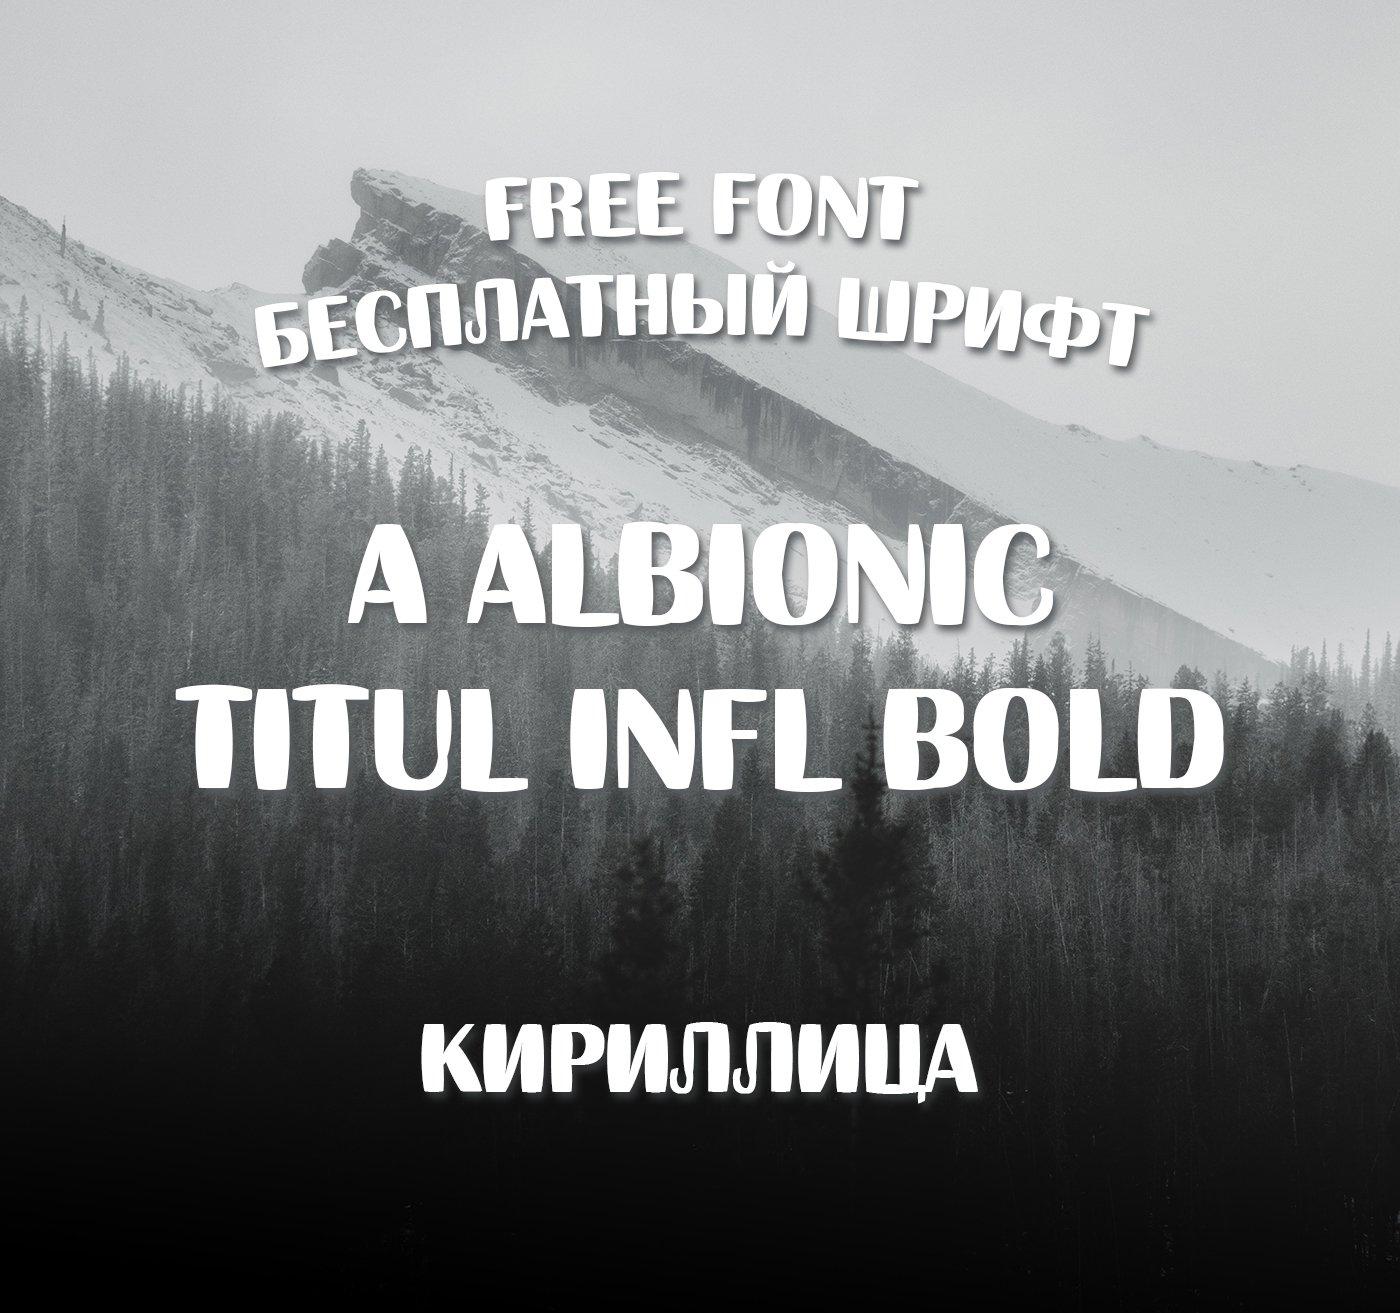 Шрифт A Albionic Titul Infl Bold Cyrillic